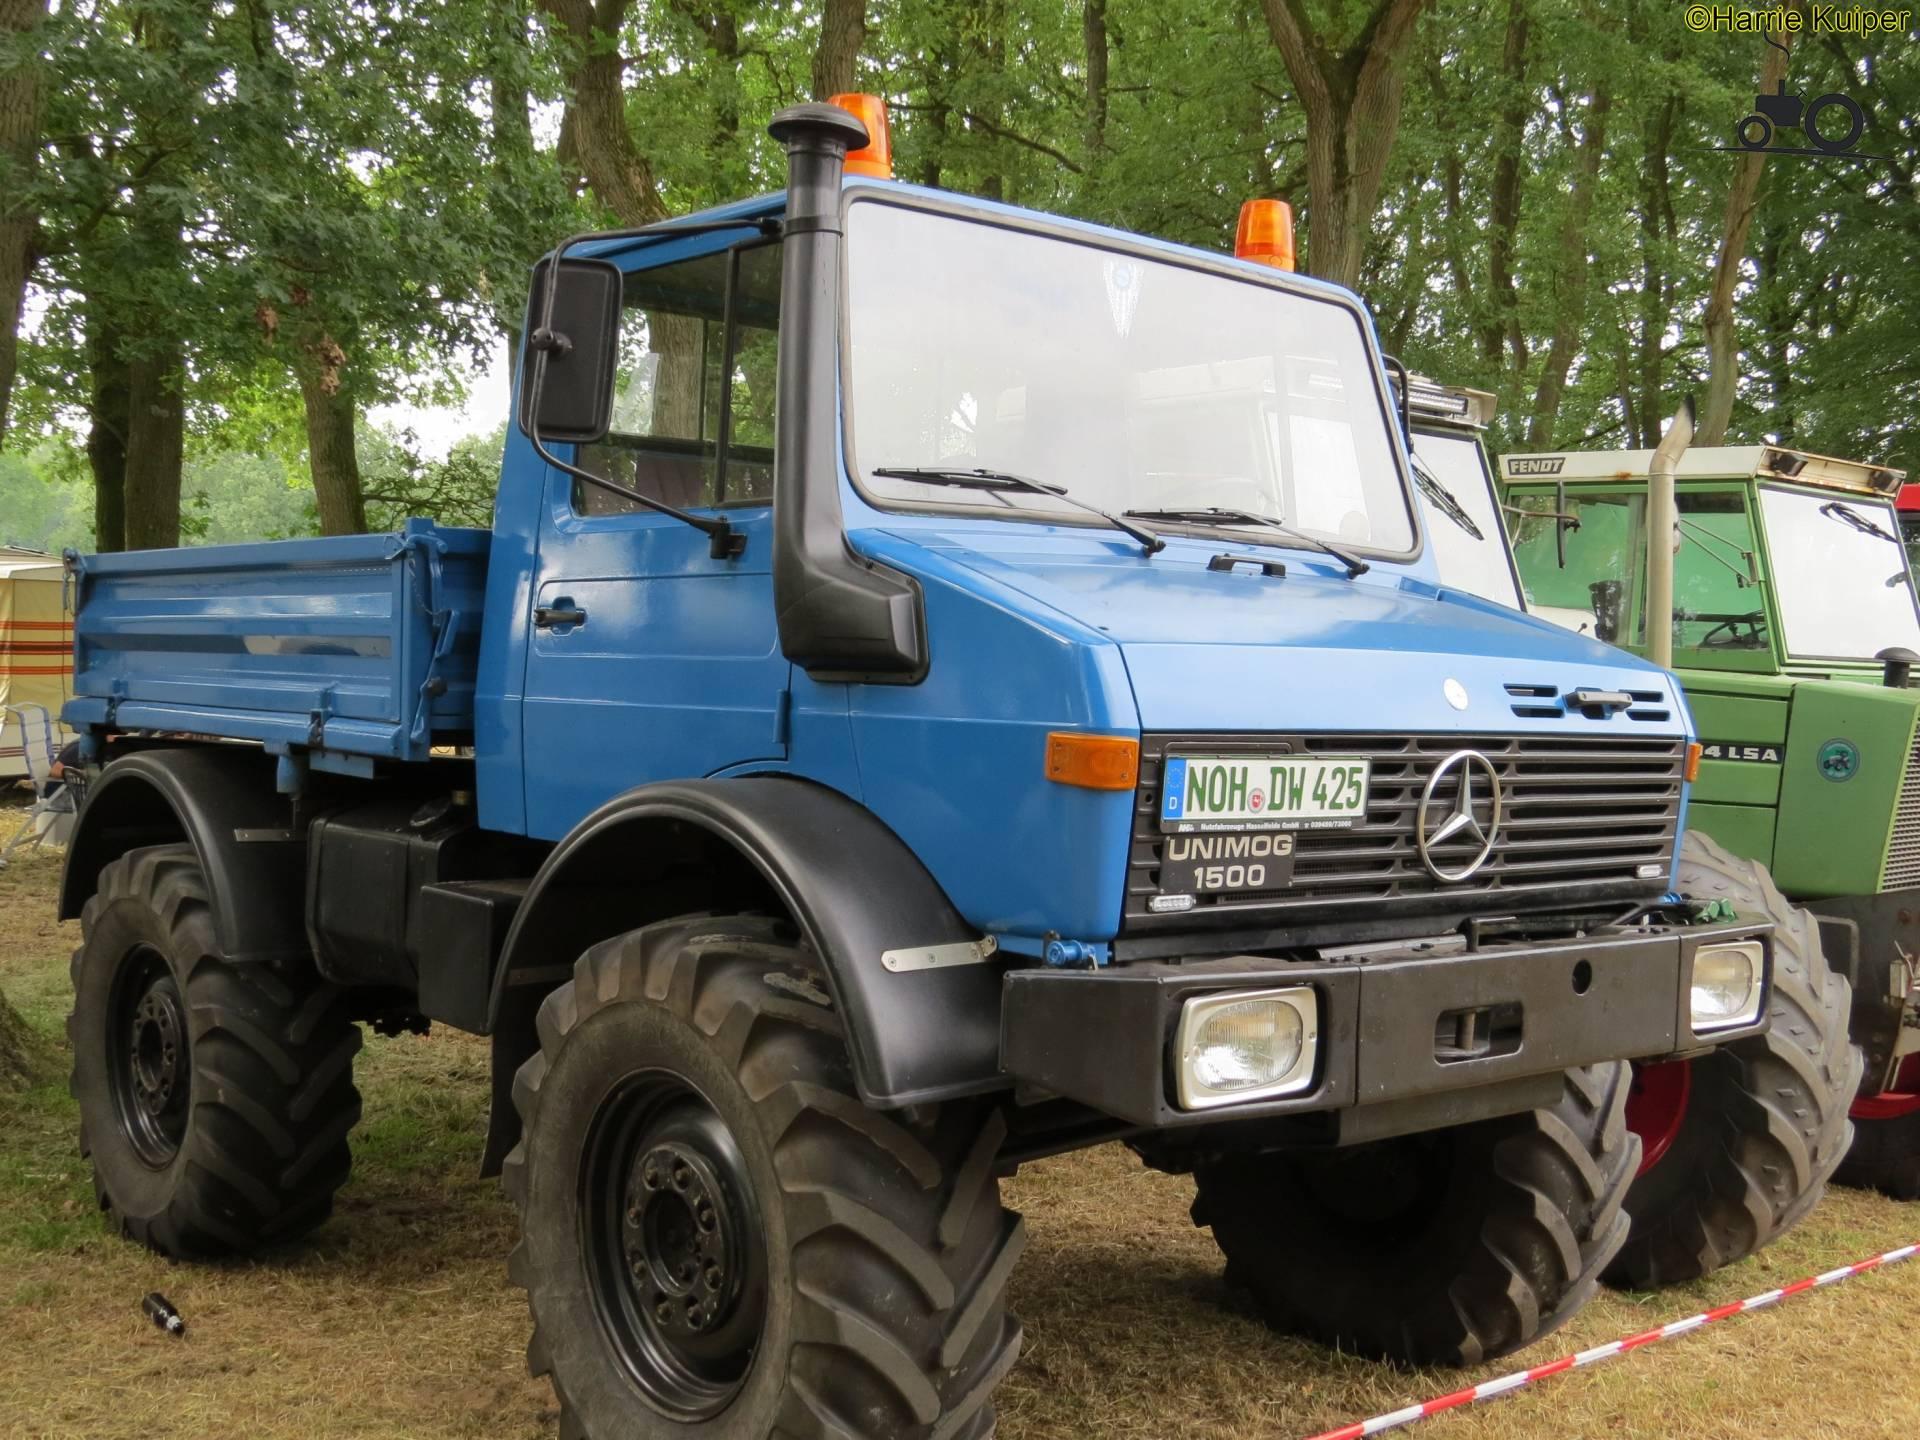 Unimog U1500